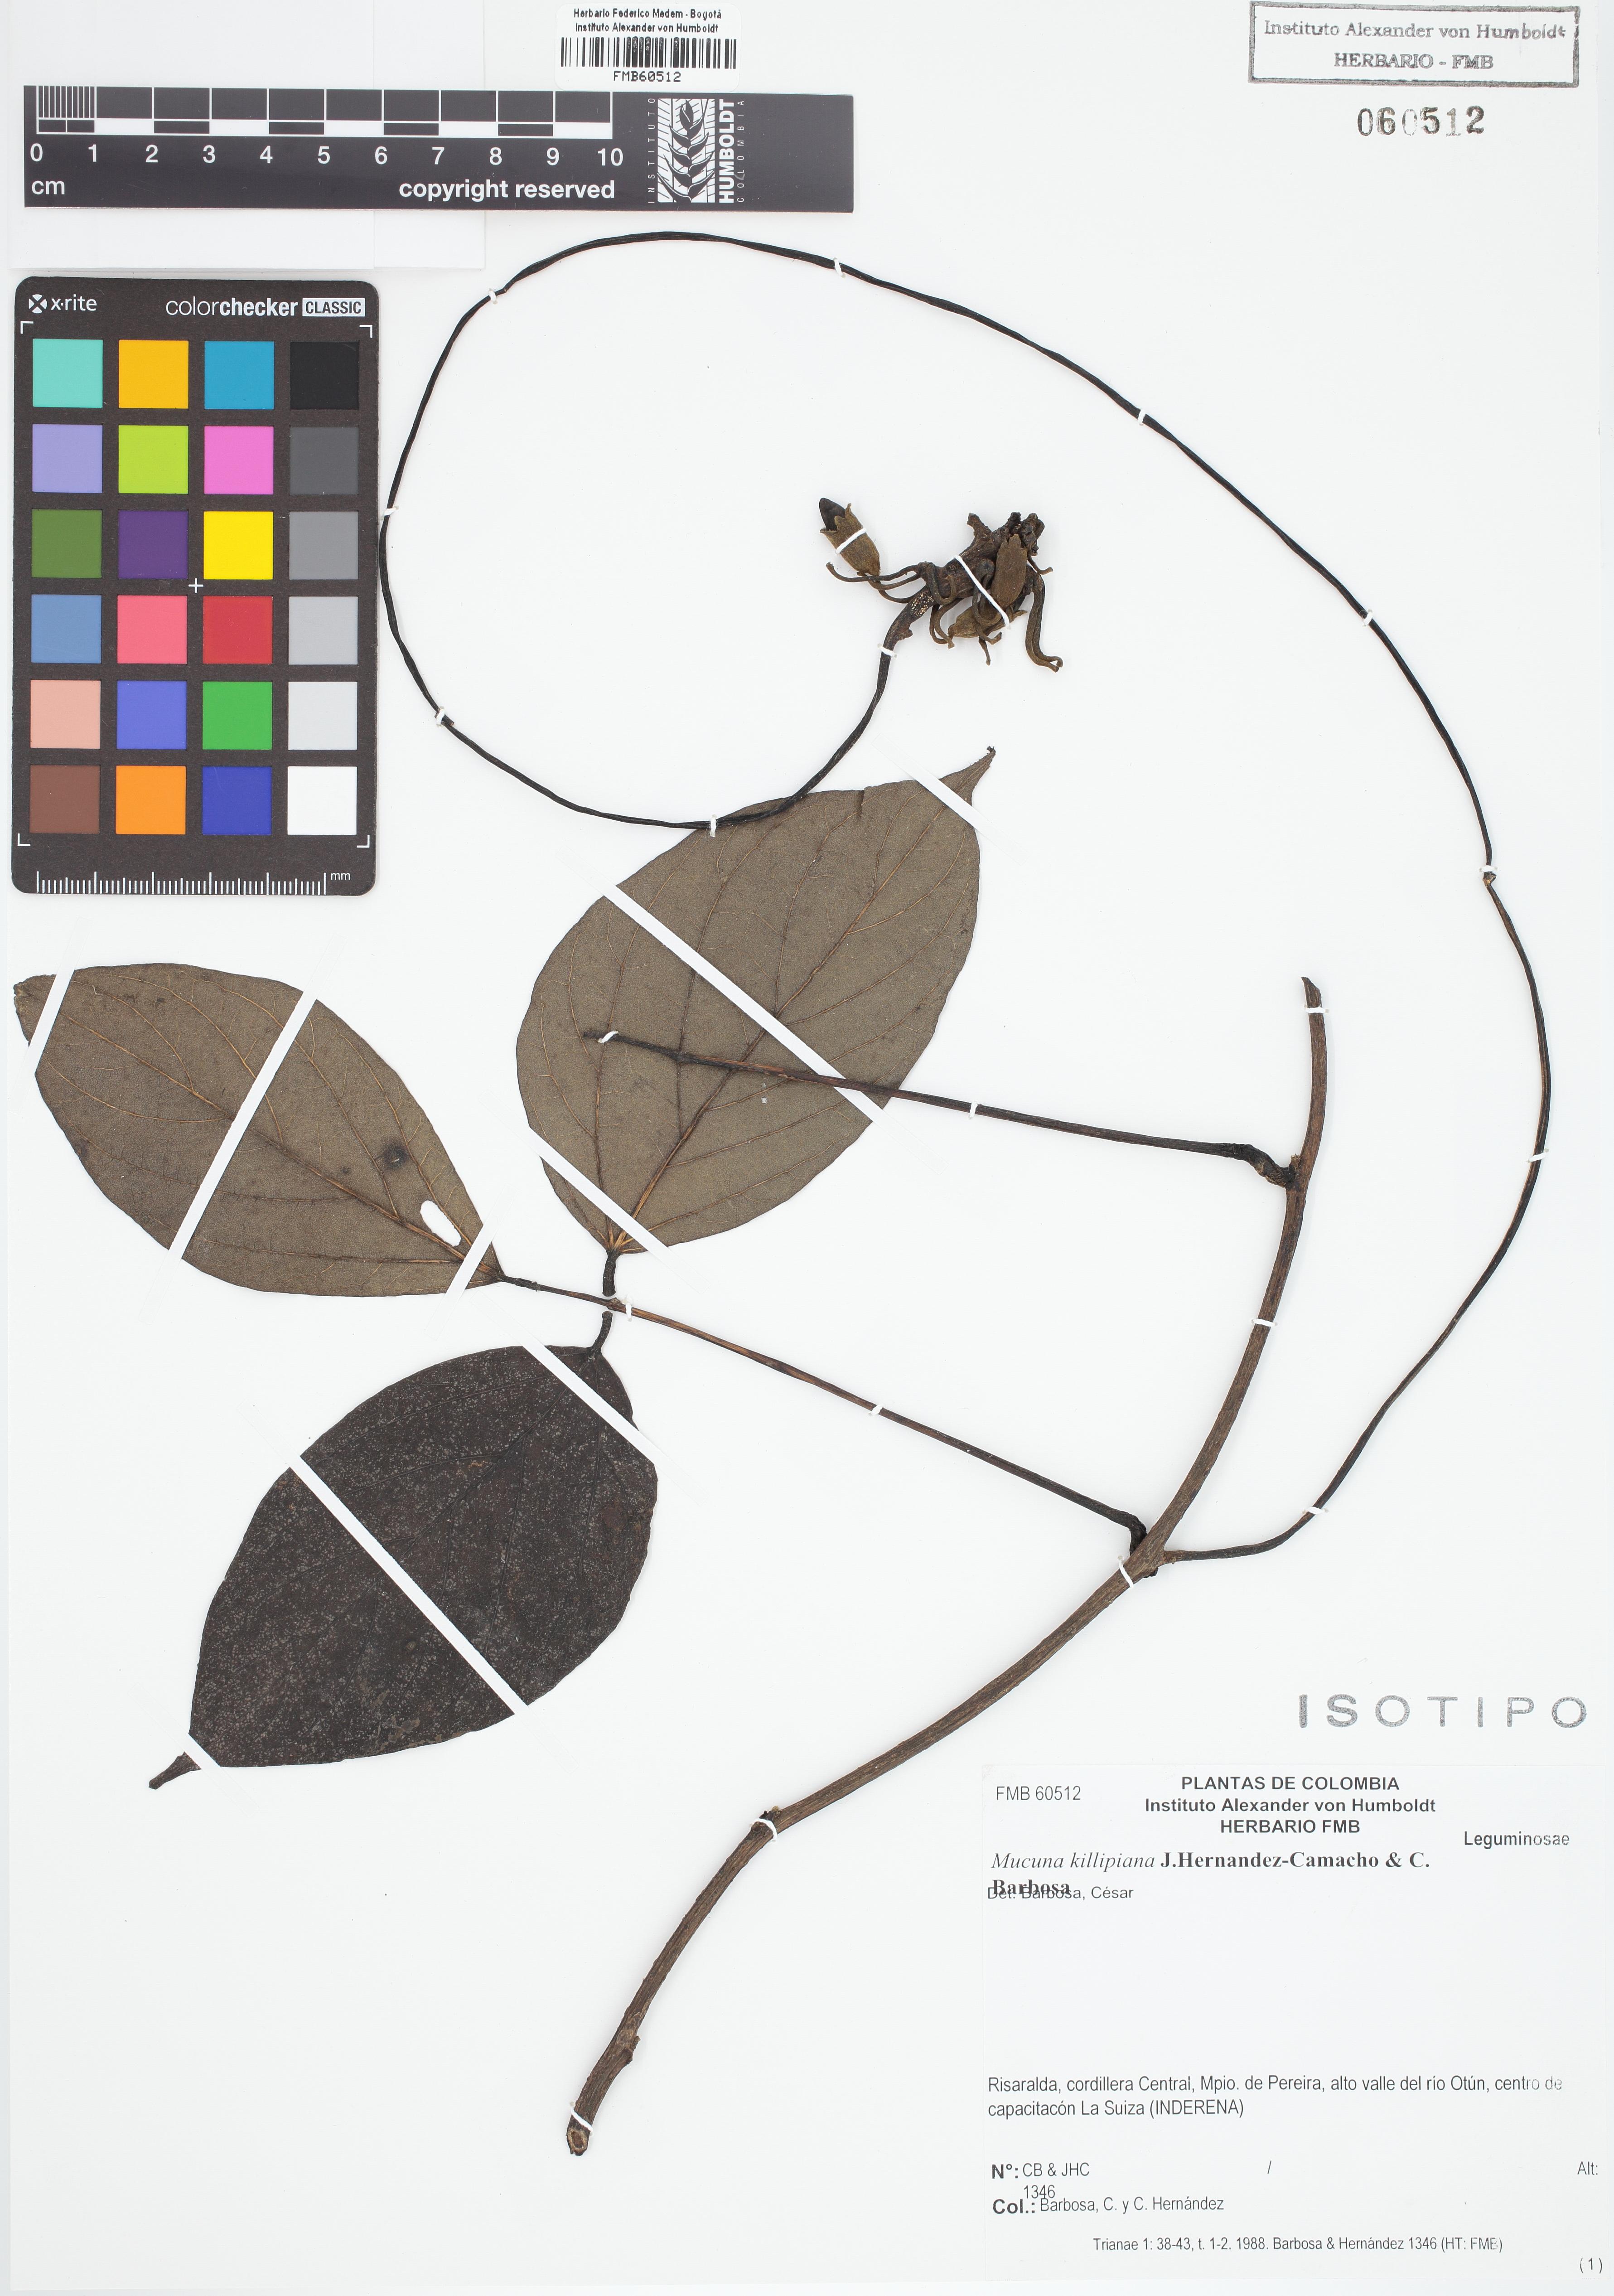 Isotipo de <em>Mucuna killipiana</em>, FMB-60512, Fotografía por Robles A.